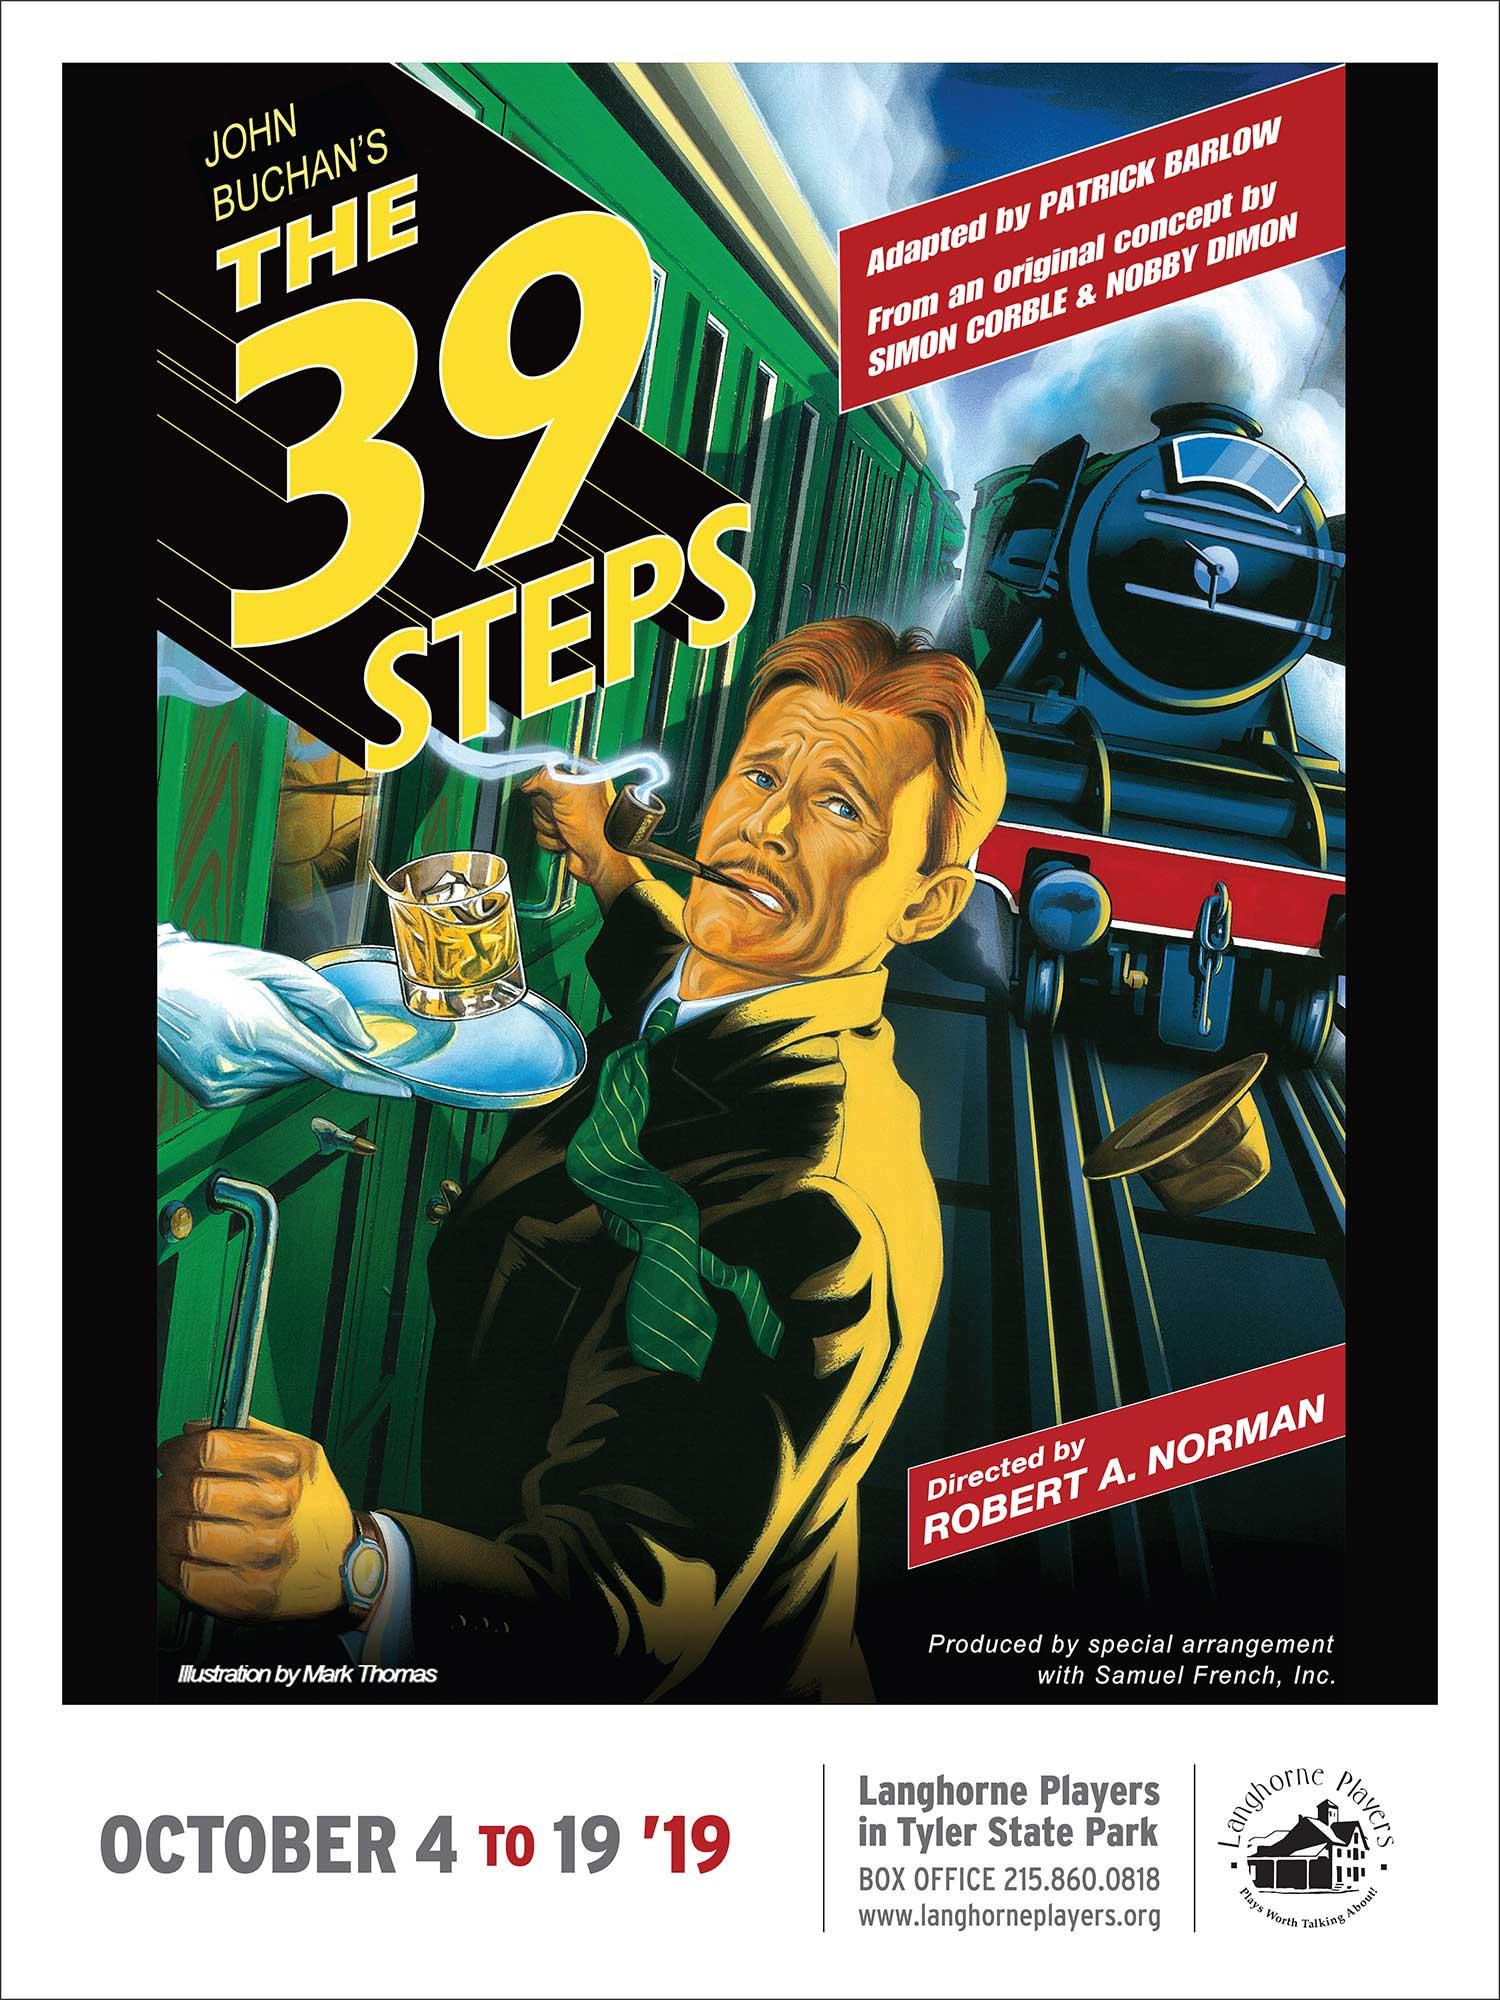 39_steps_poster.jpg